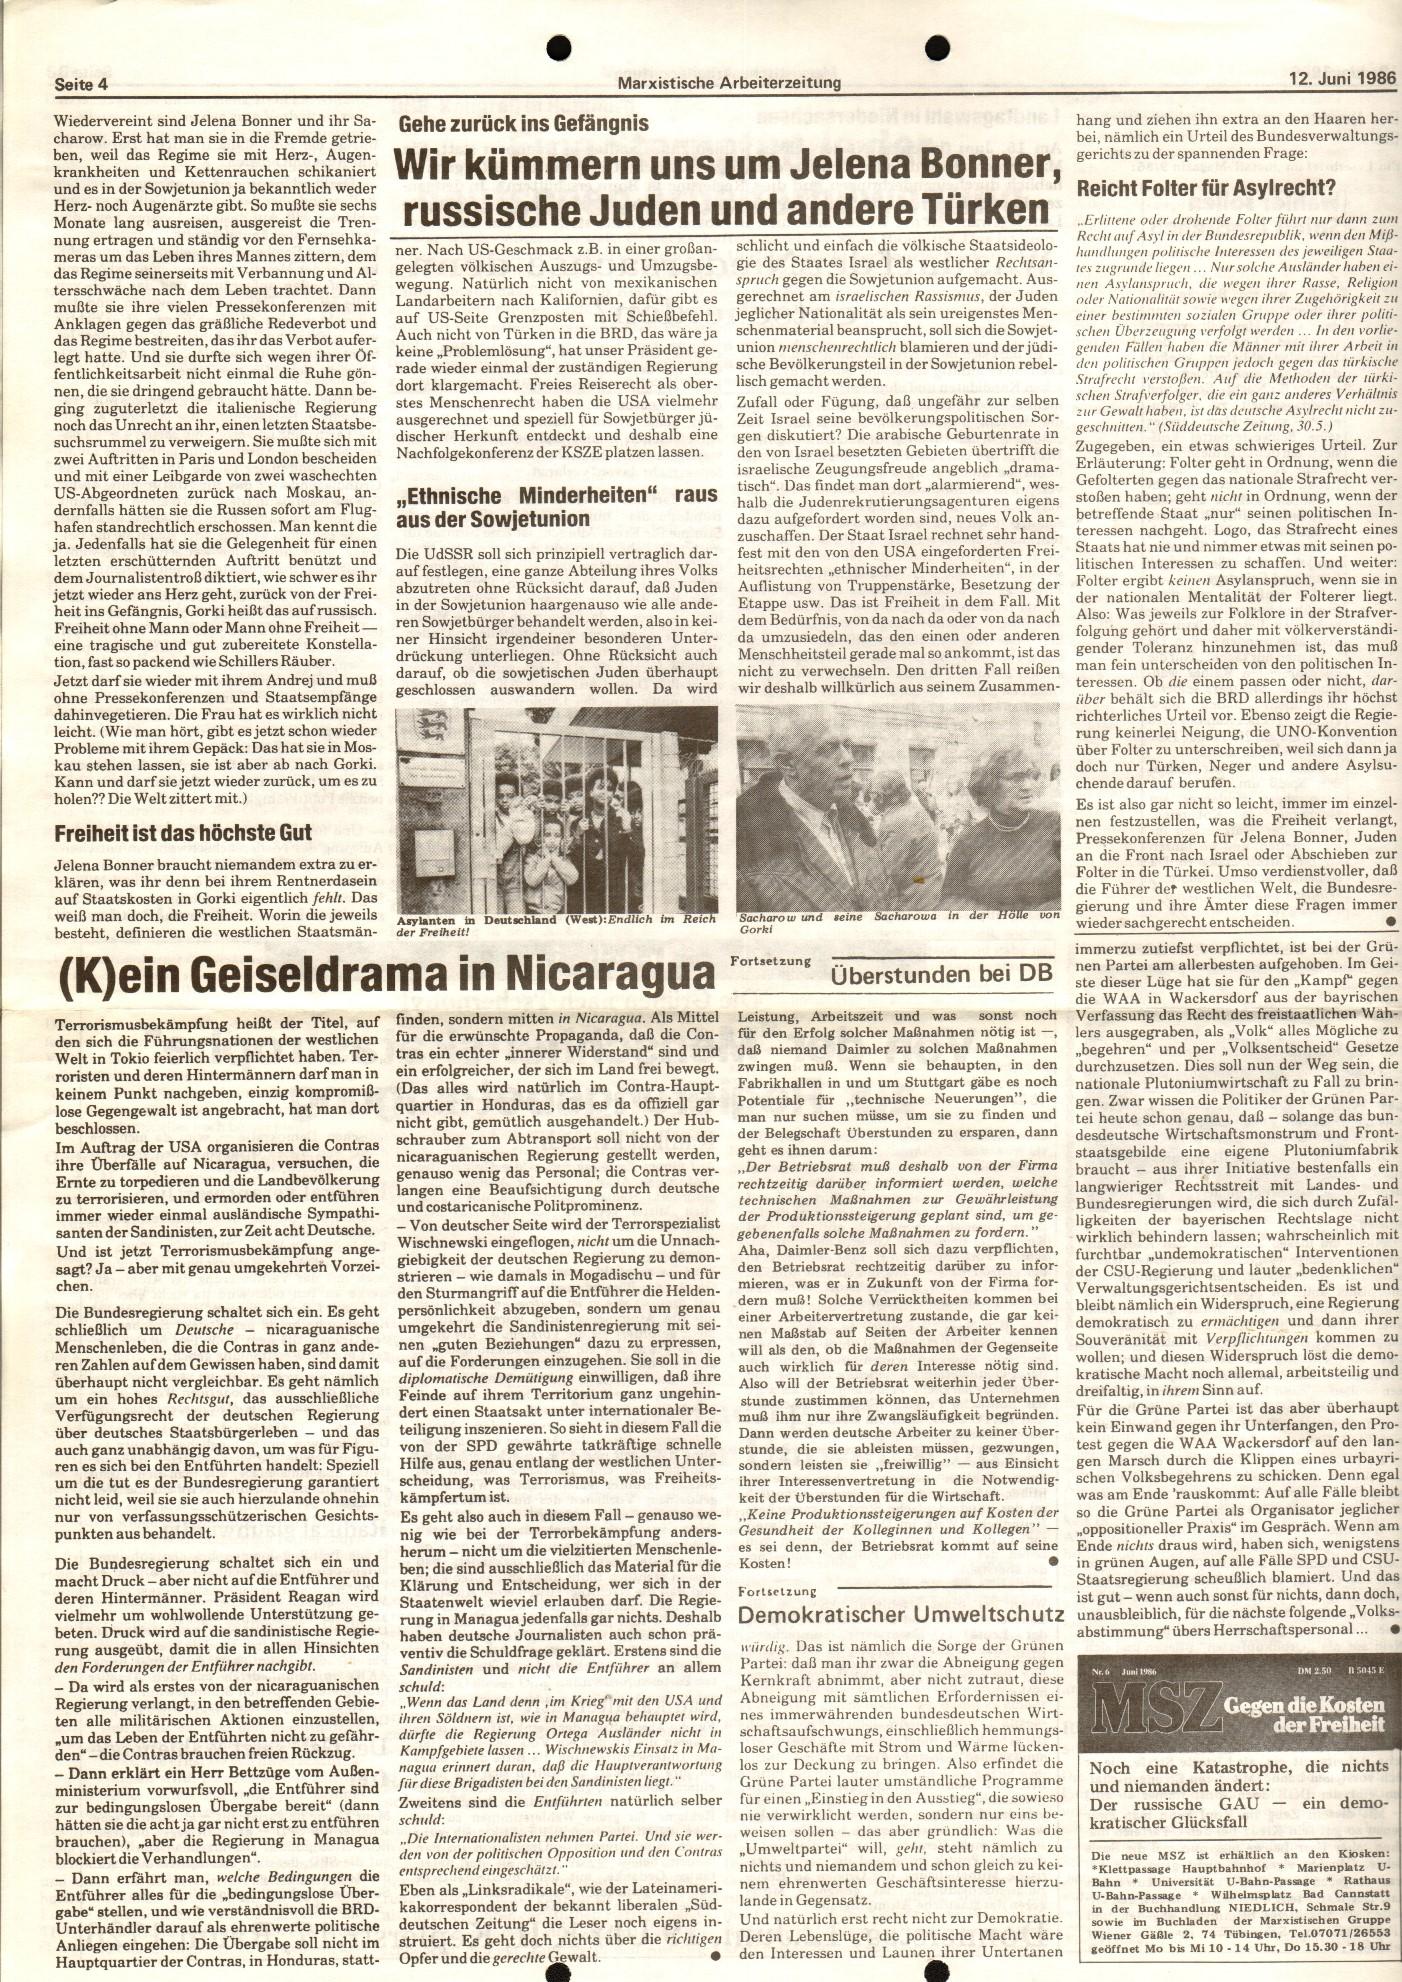 BW_MG_Marxistische_Arbeiterzeitung_19860612_04